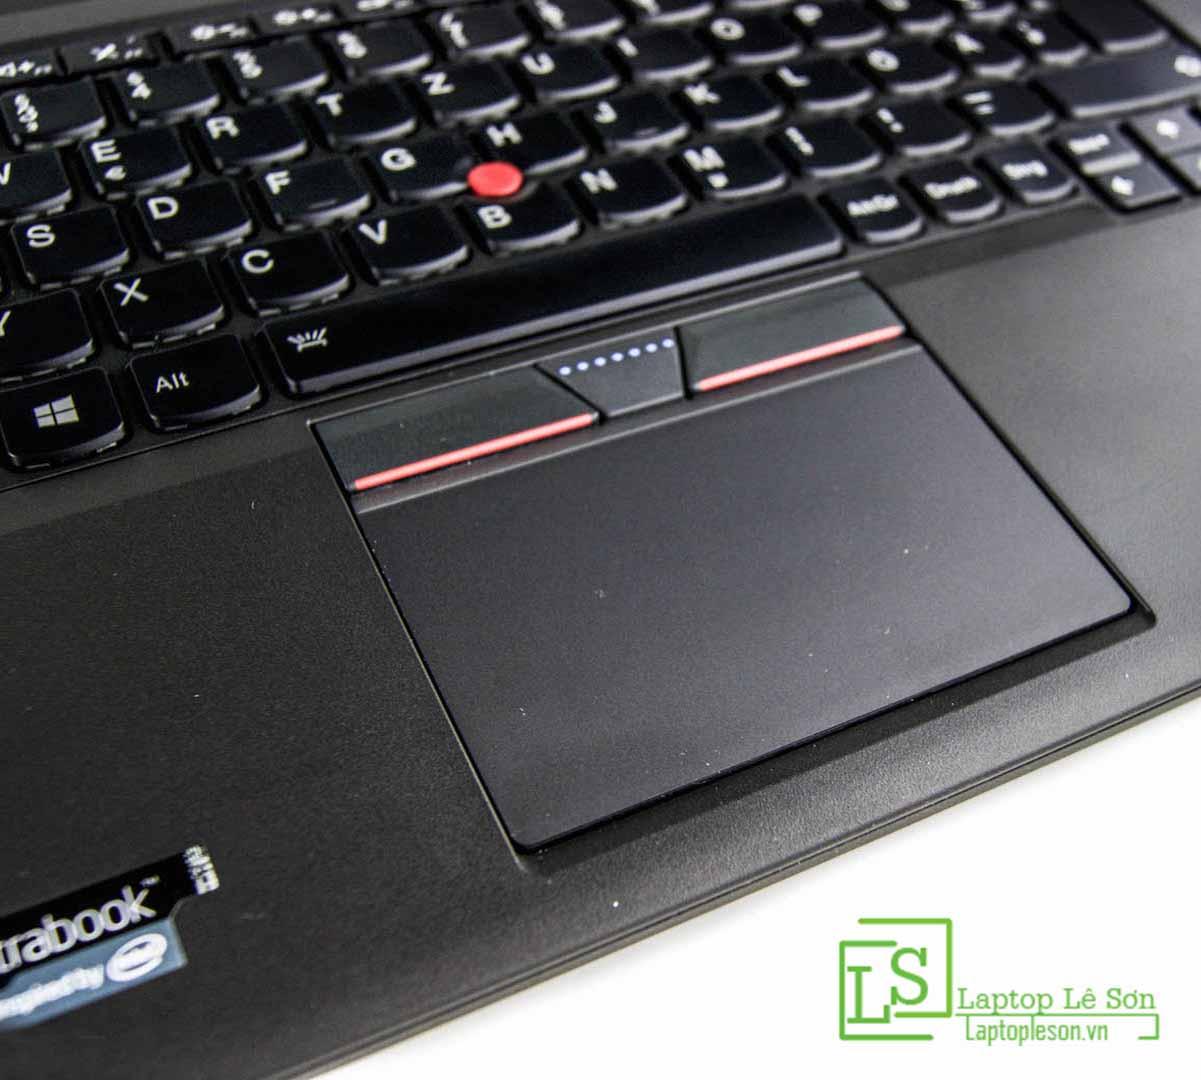 Lenovo_ThinkPad_X260_06